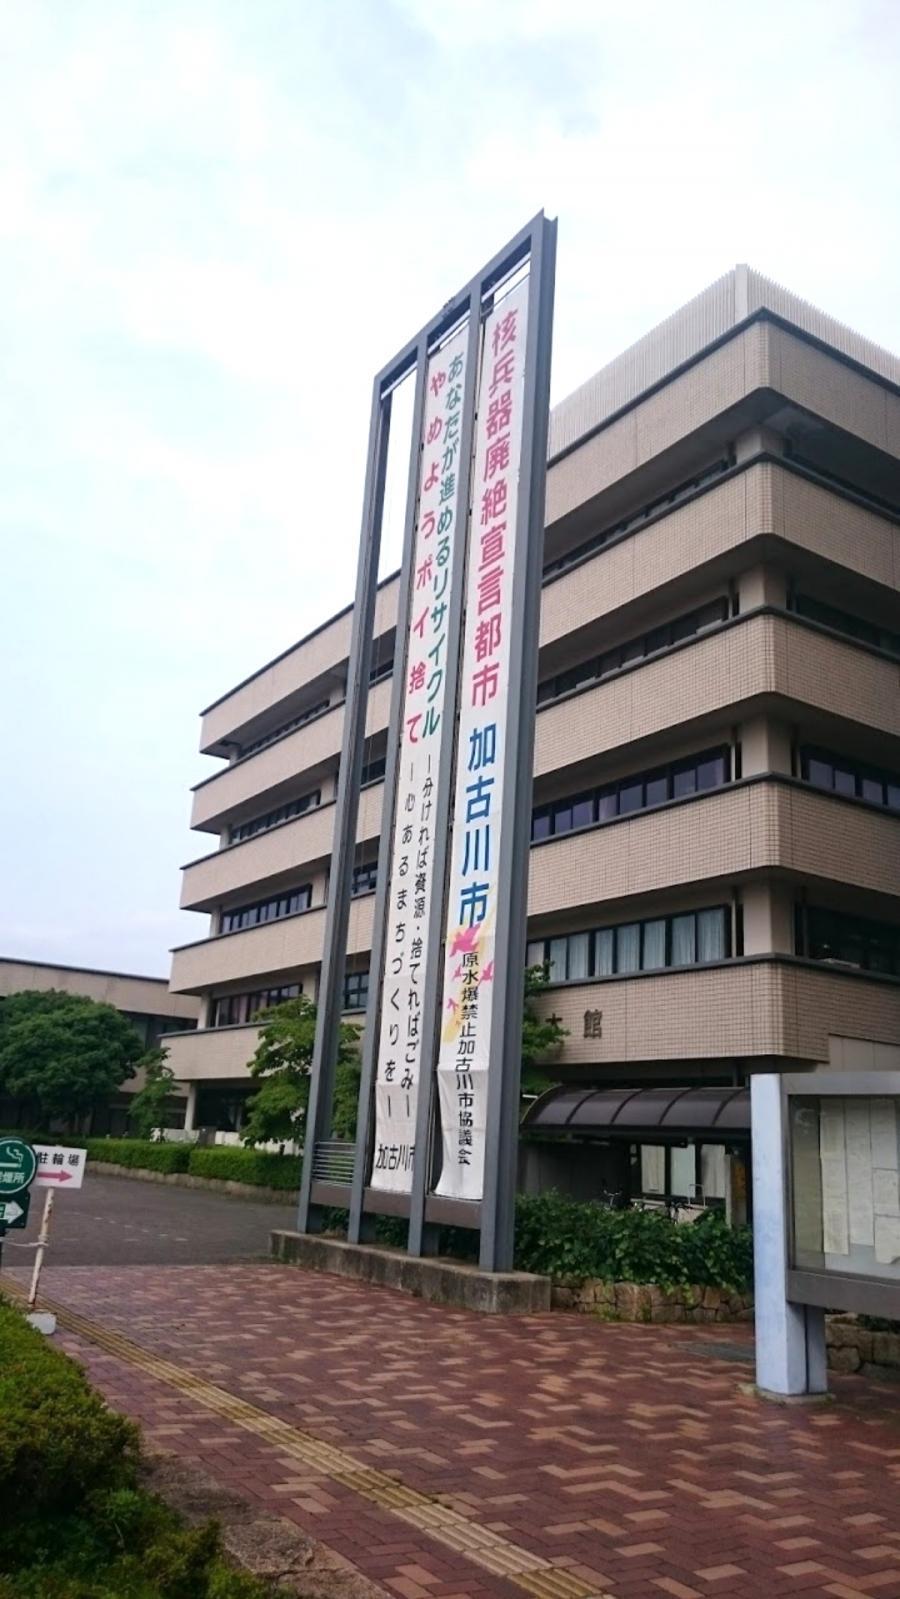 市役所 加古川 加古川市役所 スマイルメール